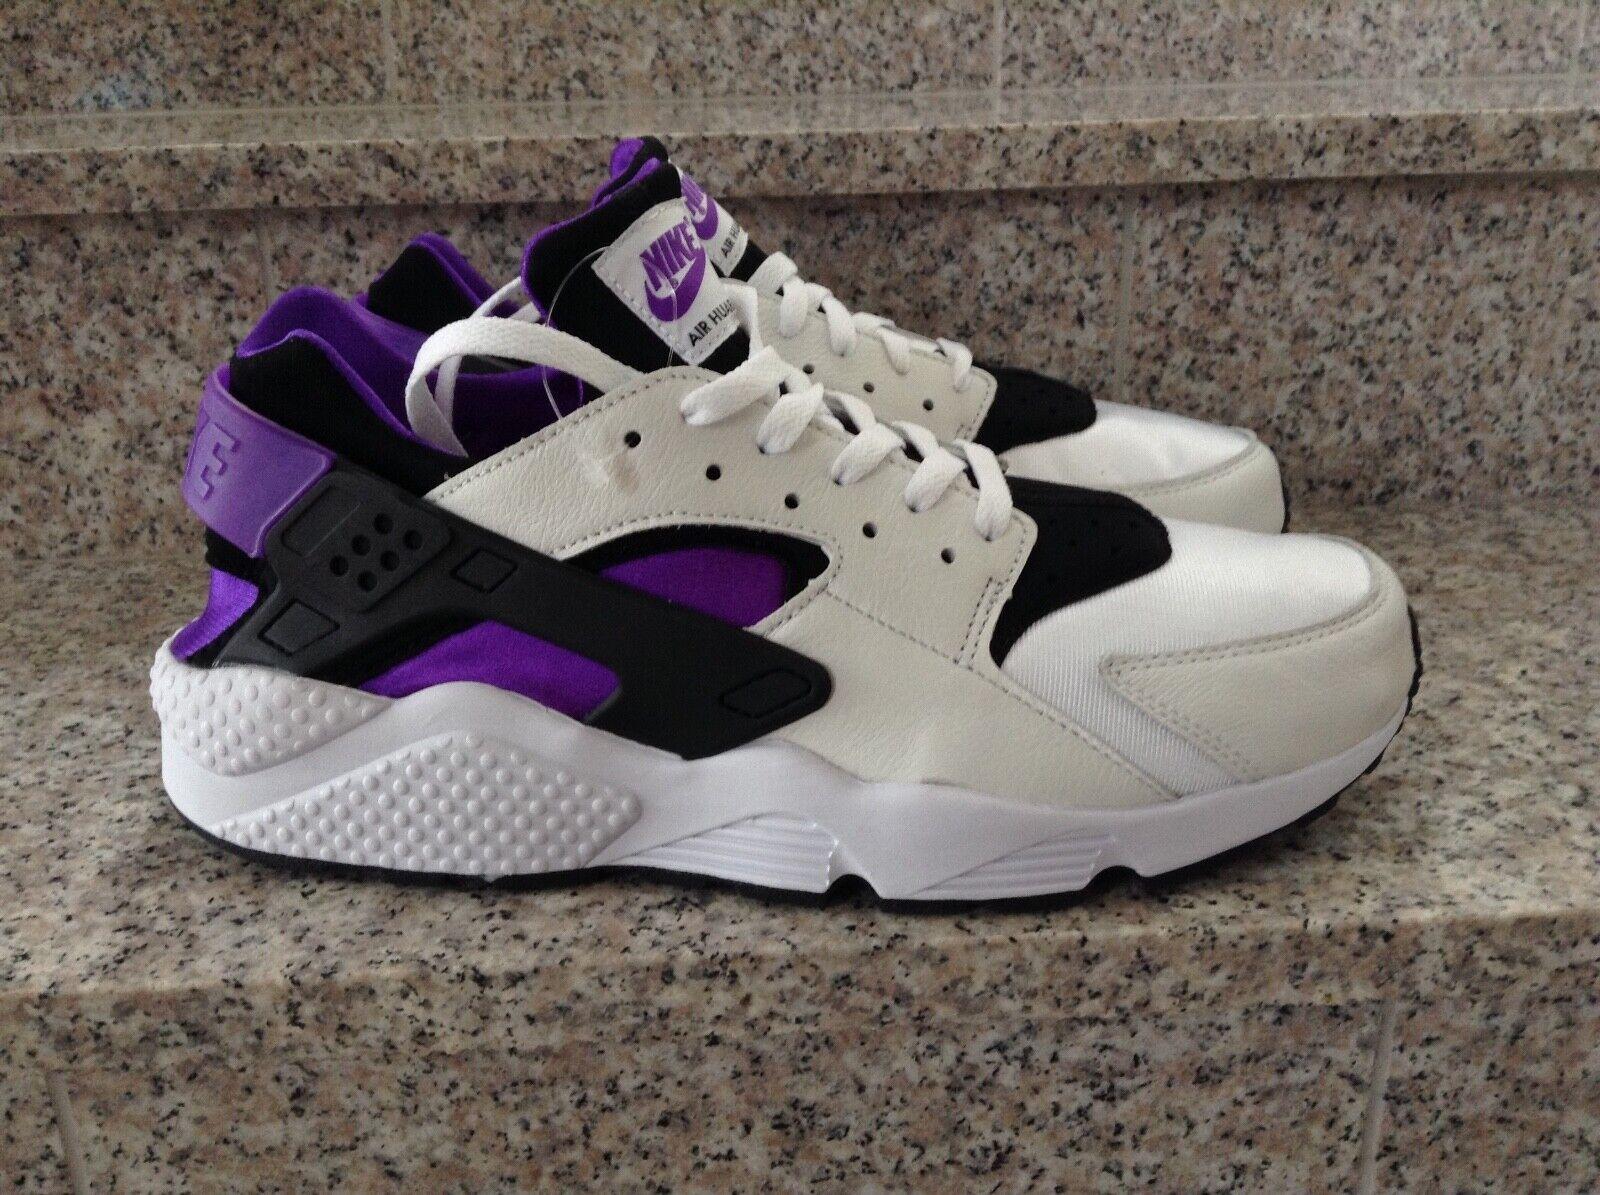 Nike air Huarache Purple Punch 91 QS US12